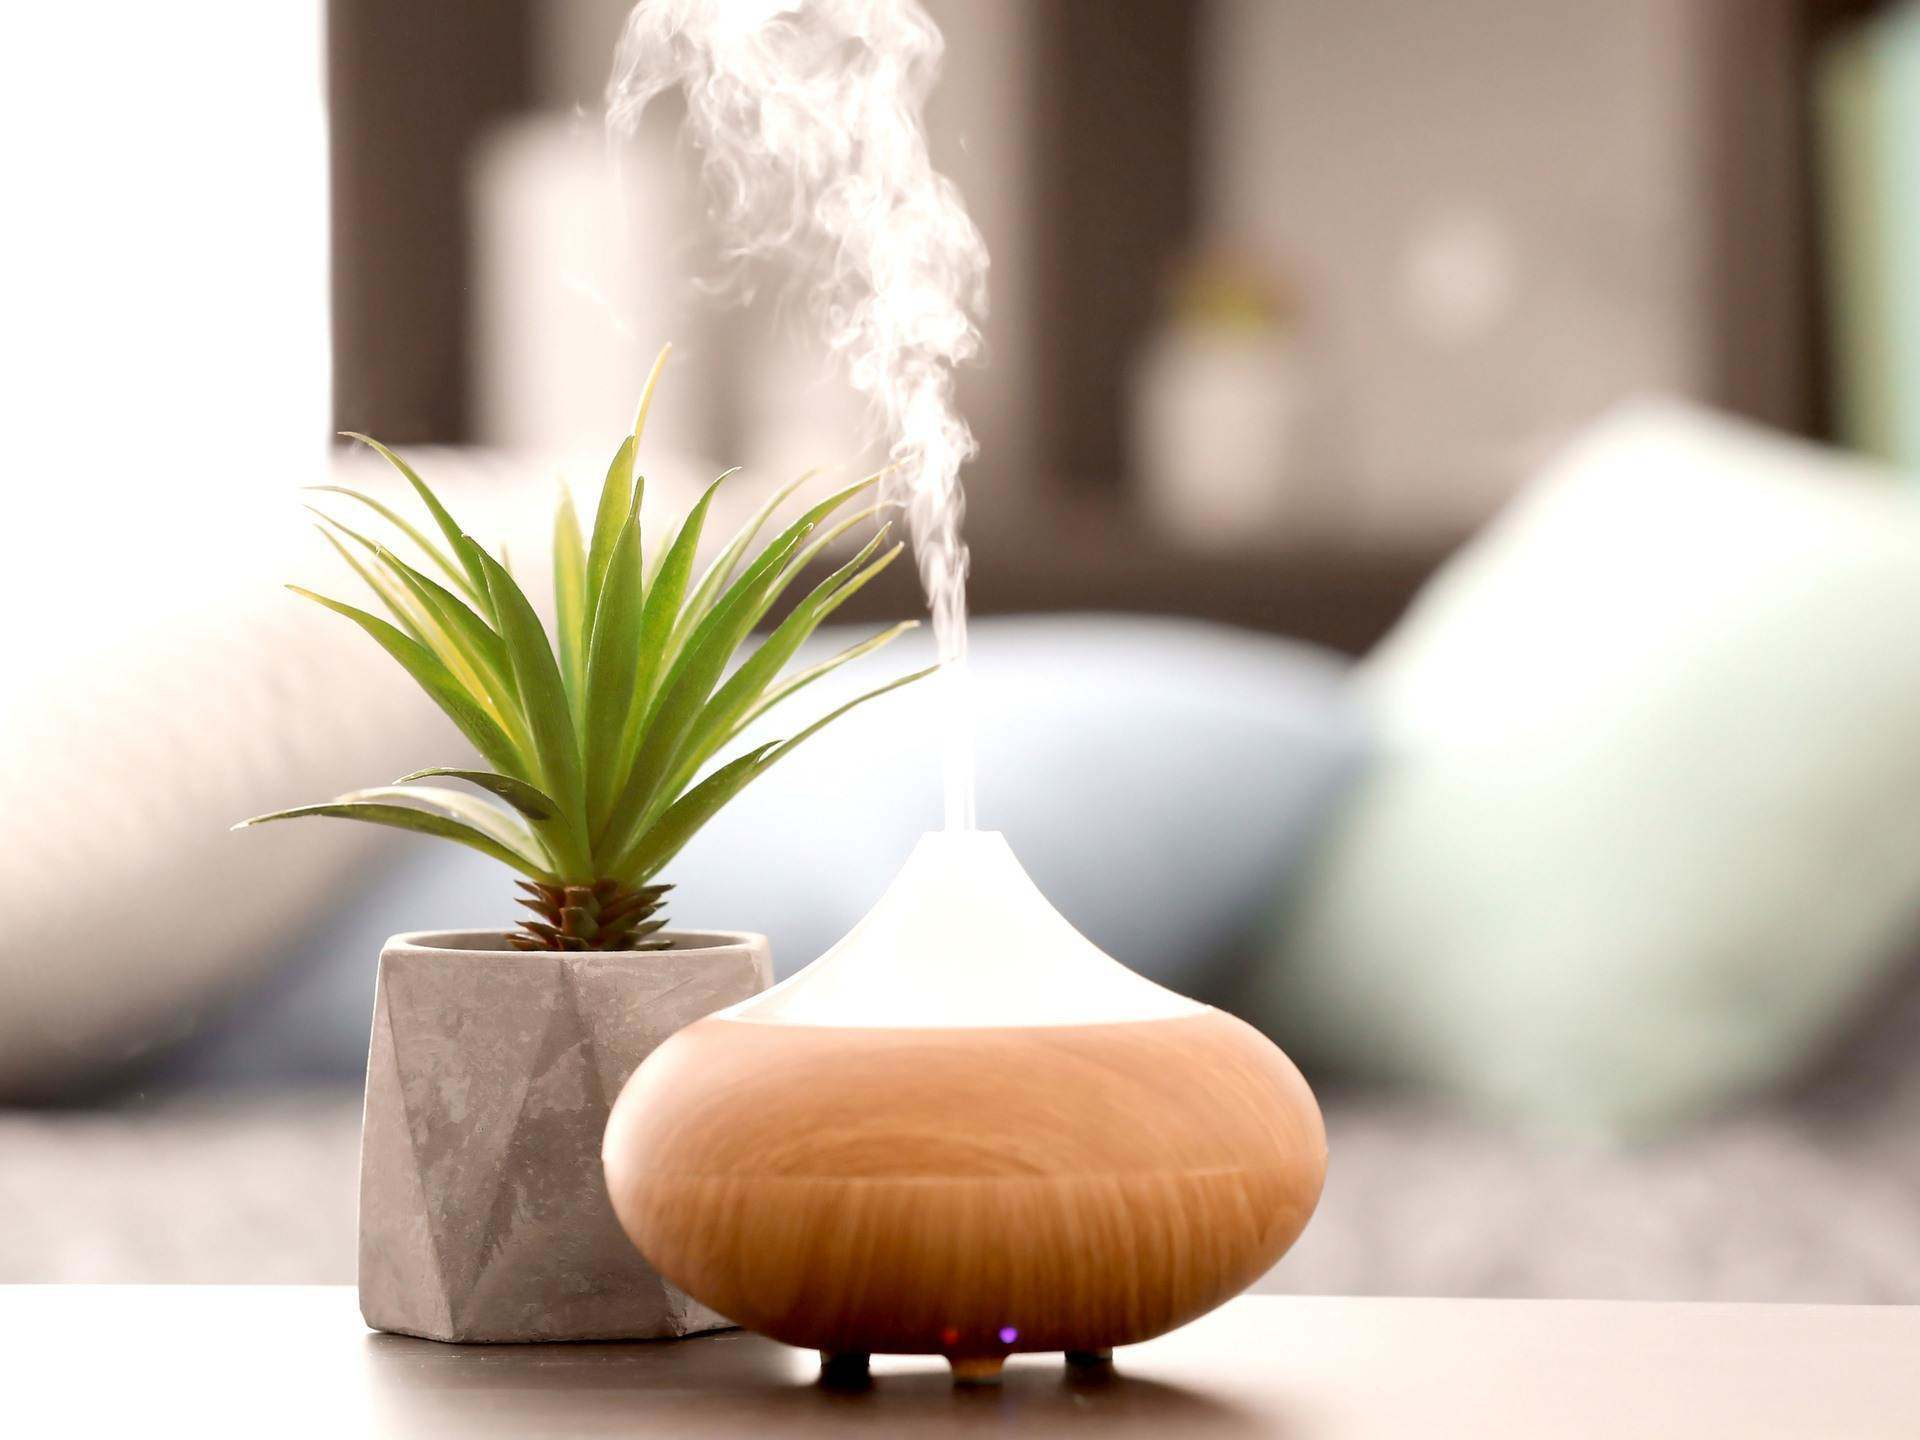 PARFUM ESSENCE CITRONELLA, koncentrovaná, do aromalamp a difuzérů, s obsahem přírodních éterických olejů